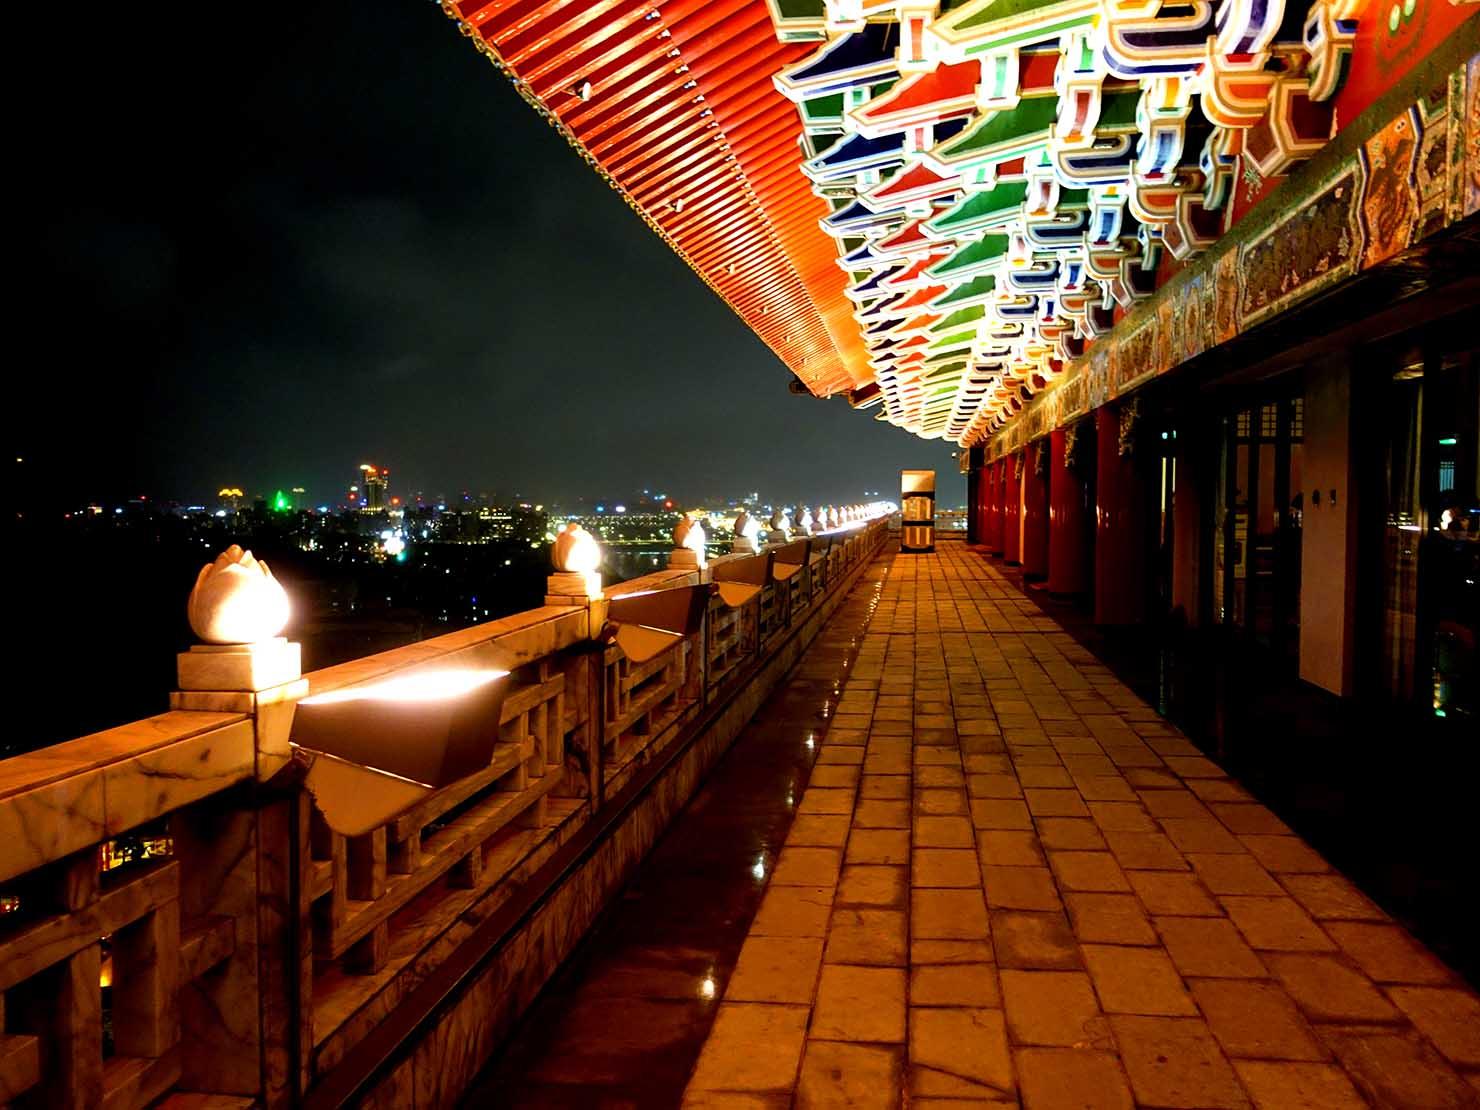 台北・圓山大飯店のカウントダウンパーティー「Bling Bling跨年派對」会場の屋外テラス